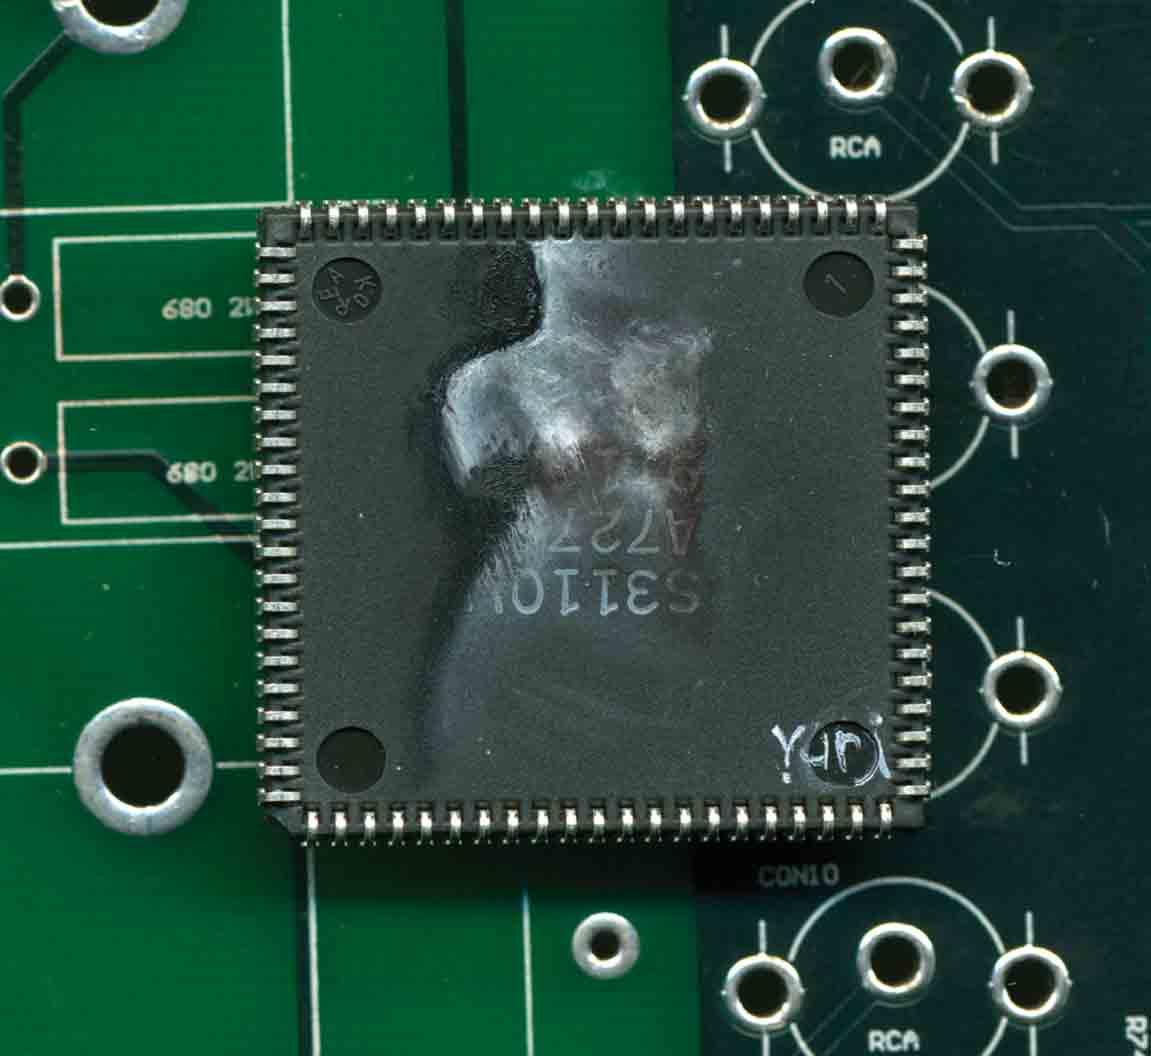 yuri-zupancic-microchip-art-desene-microcipuri-2